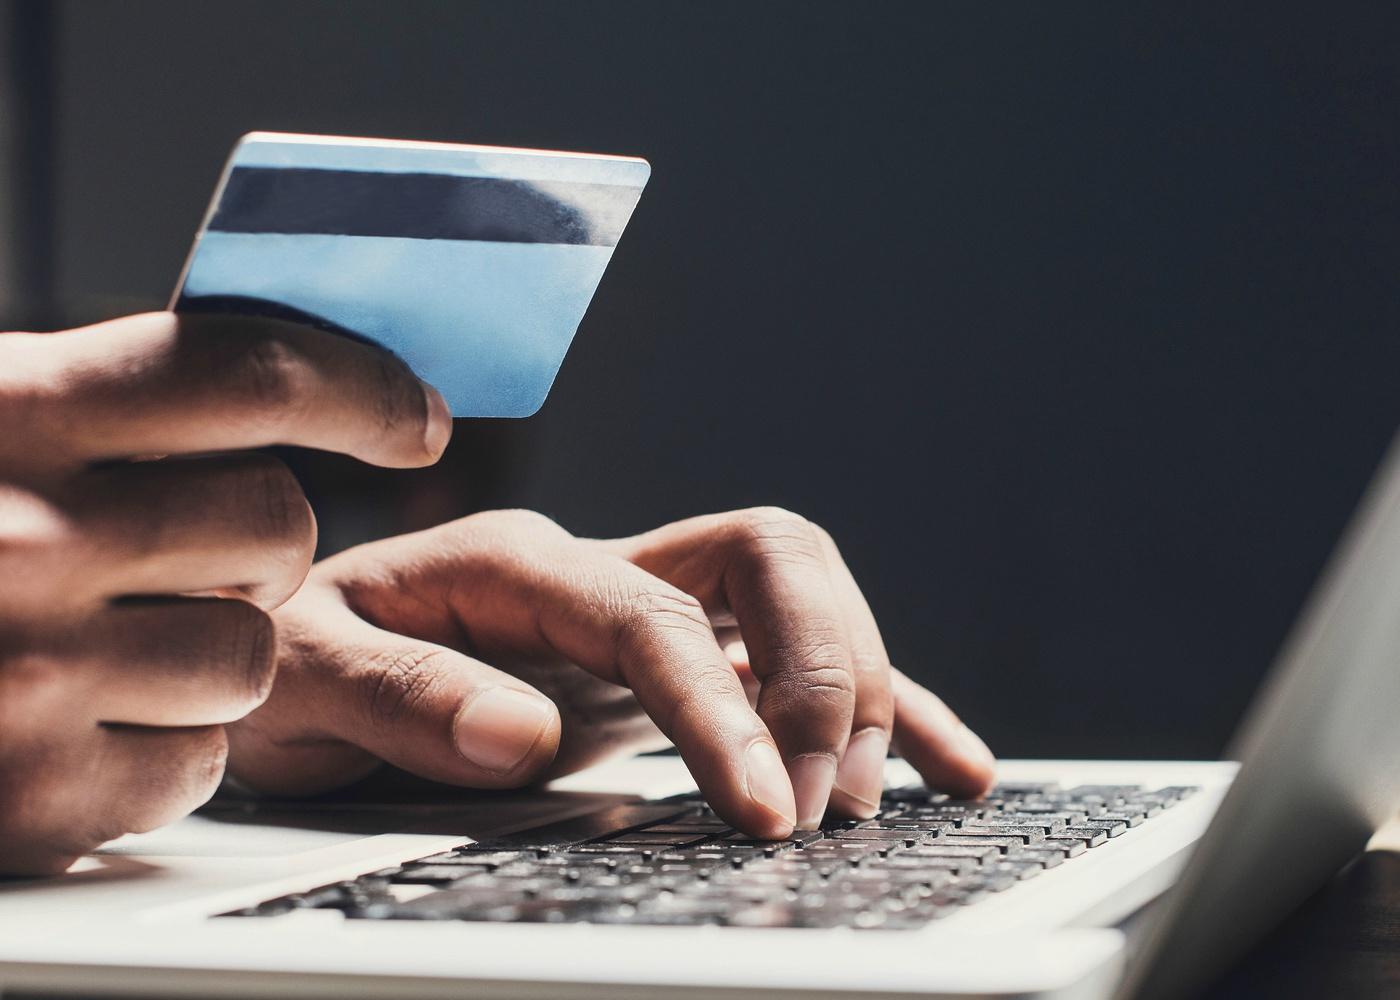 evitar fraudes em carões de crédito ao fazer compras online